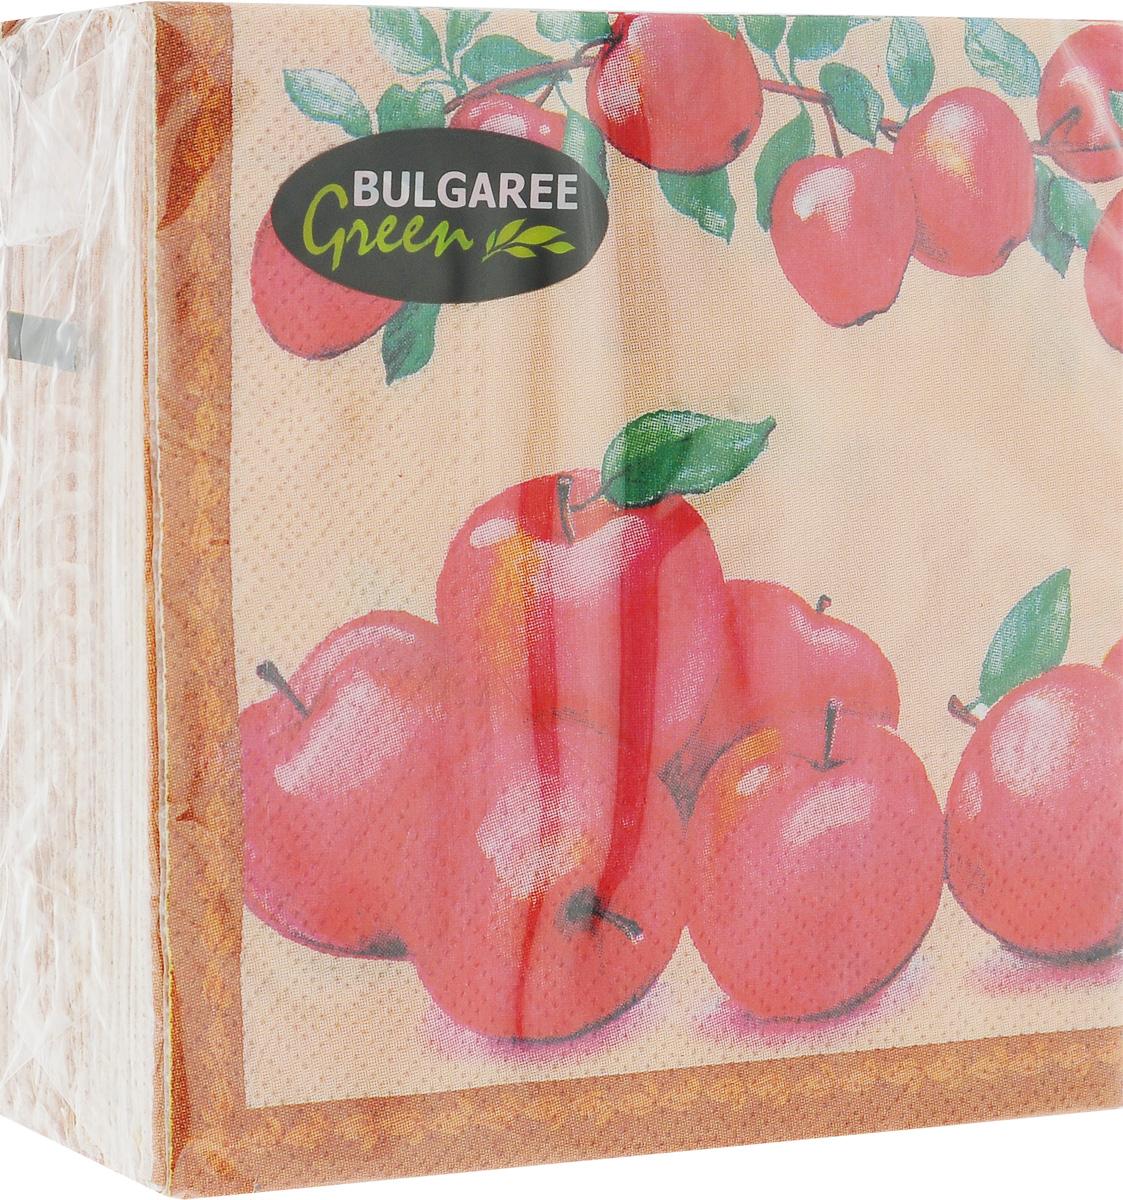 Салфетки бумажные Bulgaree Green Наливные яблочки, двухслойные, 24 х 24 см, 50 шт1000210_Наливные яблочкиДекоративные двухслойные салфетки Bulgaree Green Наливные яблочки выполнены из 100%целлюлозы европейского качества и оформлены ярким рисунком. Изделия станут отличным дополнением любого праздничного стола. Они отличаются необычной мягкостью, прочностью и оригинальностью.Размер салфеток в развернутом виде: 24 х 24 см.